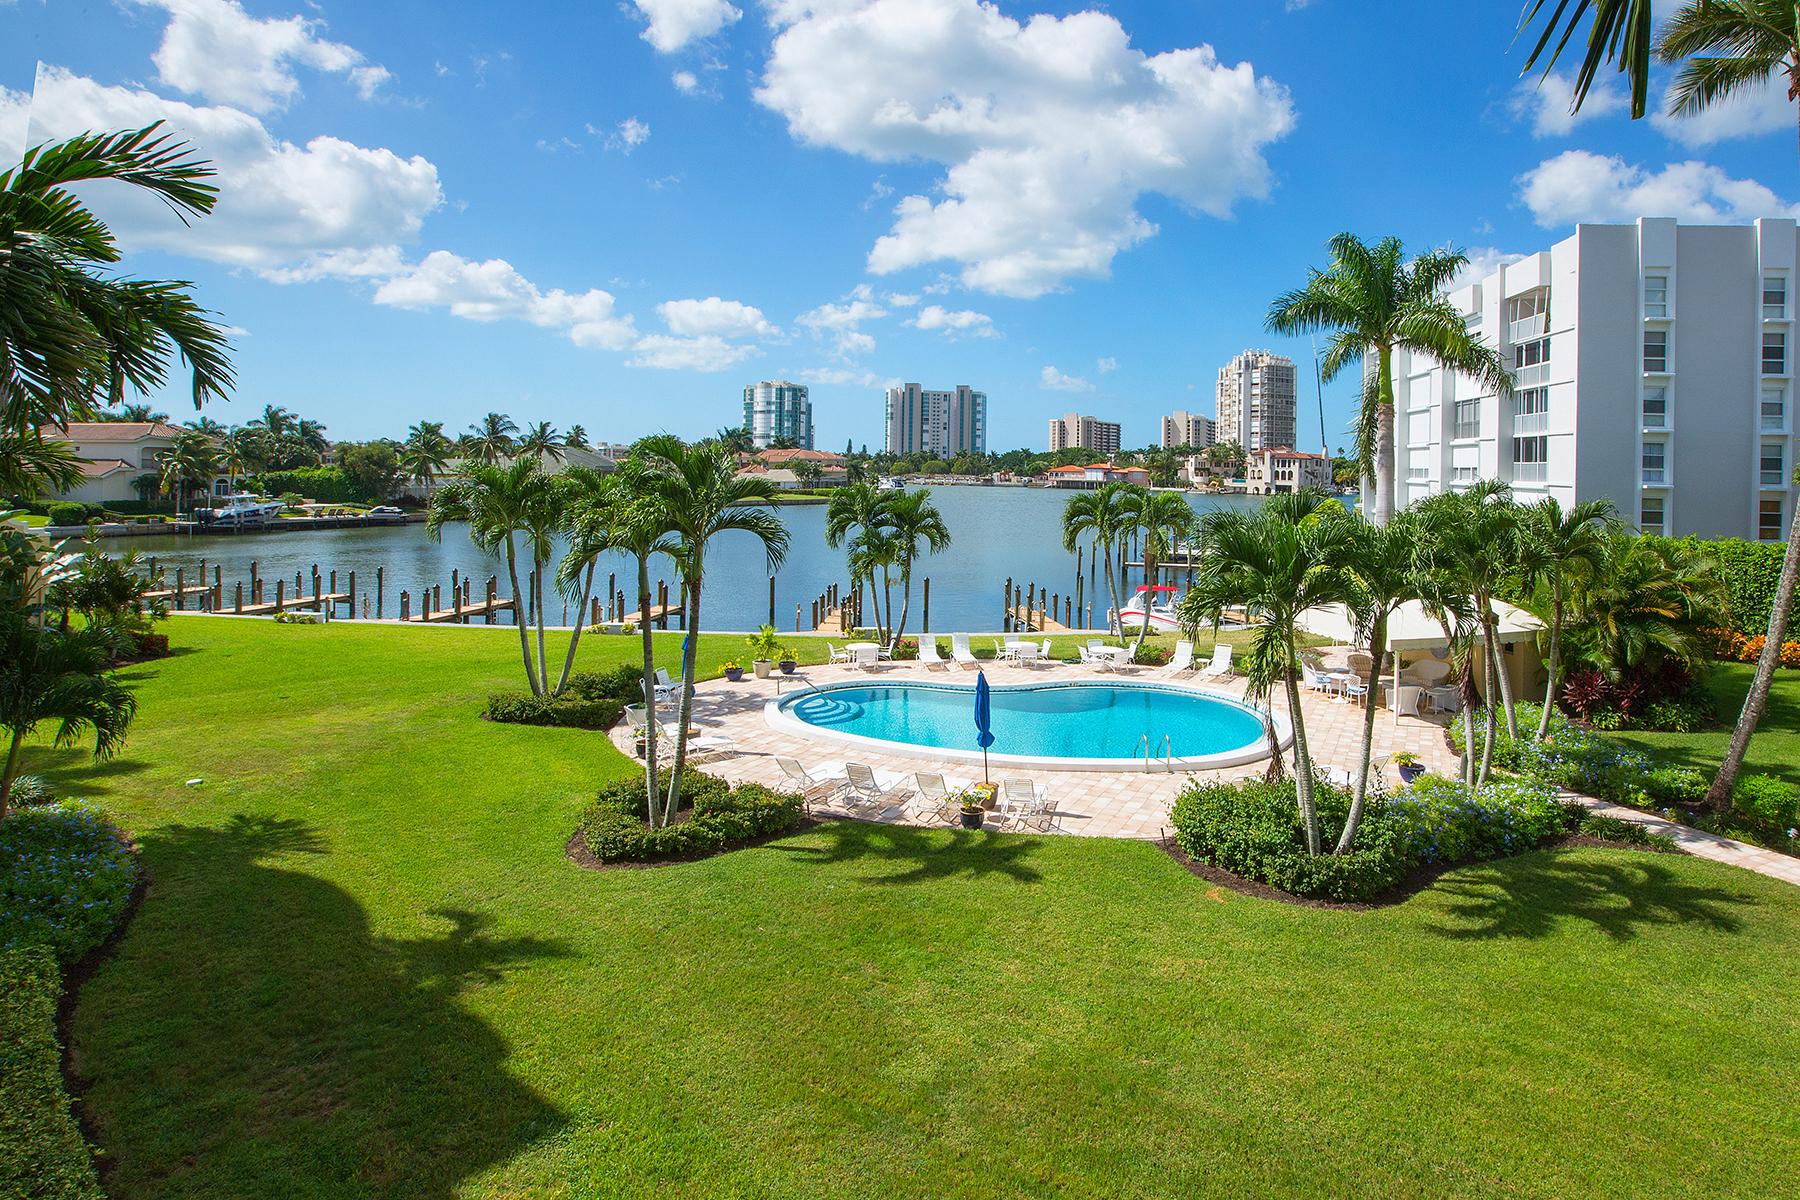 Condomínio para Venda às PARK SHORE - COLONY GARDENS 400 Park Shore Dr 301 Naples, Florida, 34103 Estados Unidos